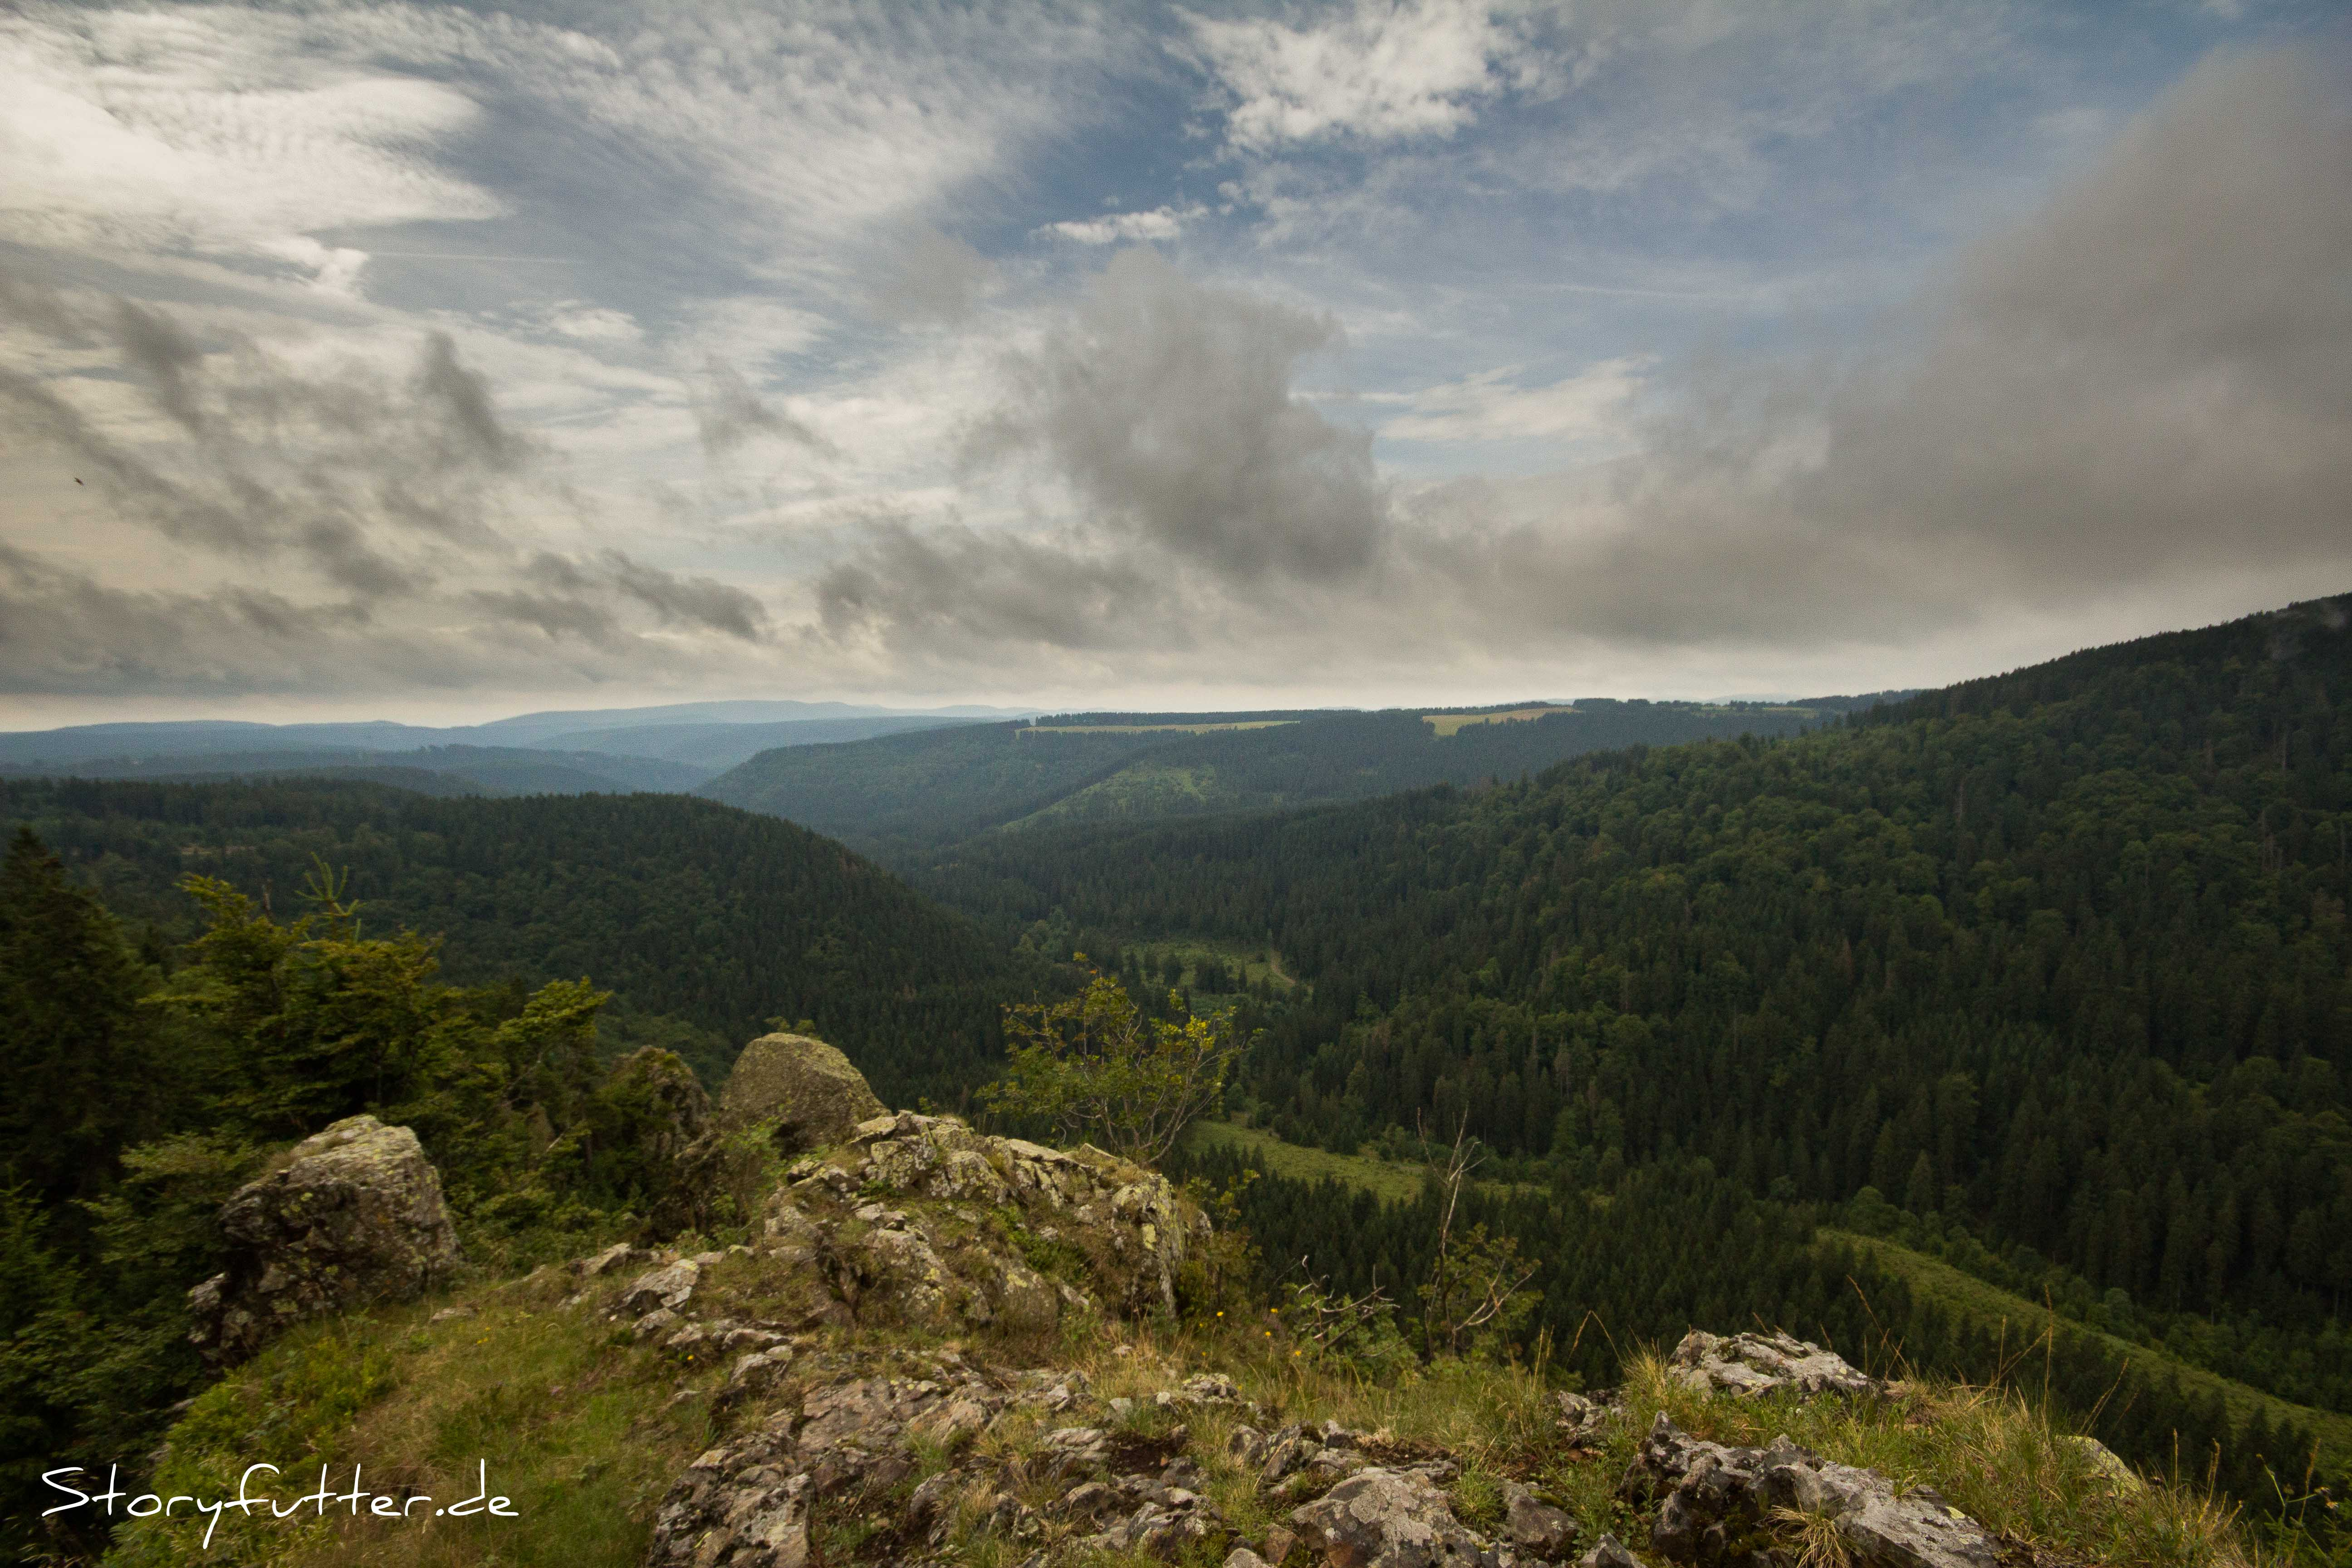 Aussichtsklippen Harz Backpacking Hahnenkleeklippen